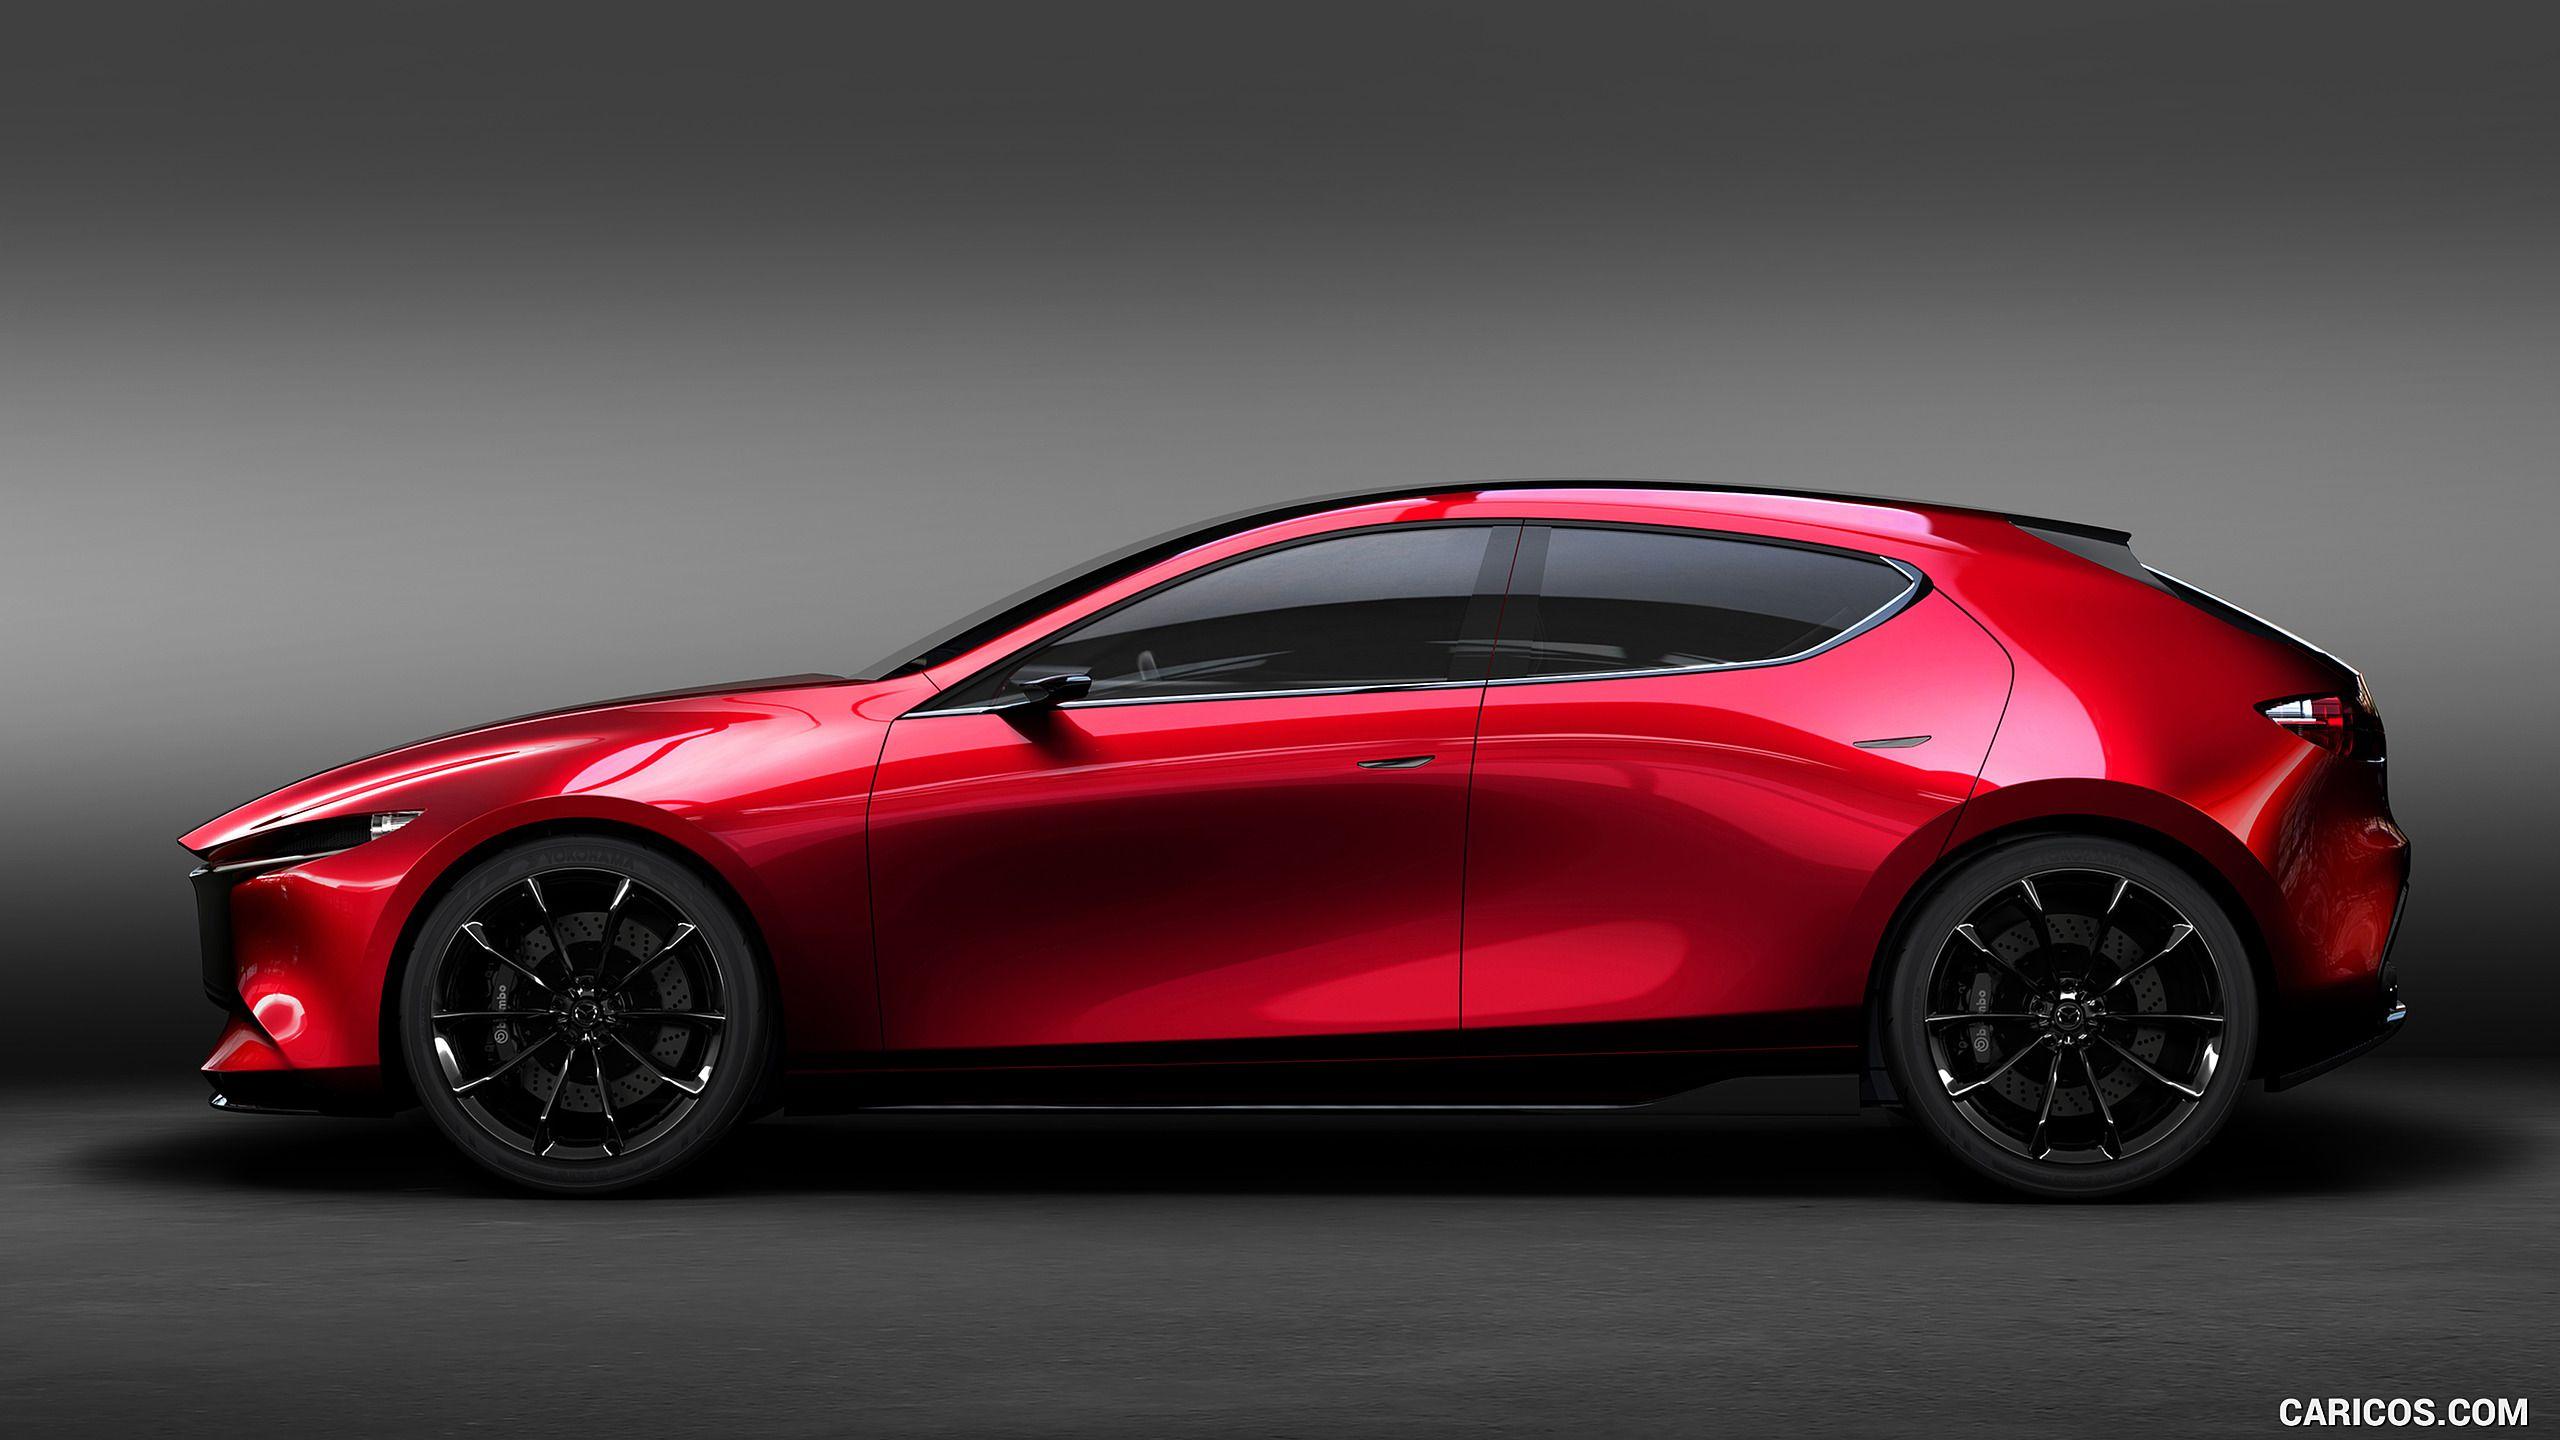 2017 Mazda Kai Concept Wallpaper Mazda 3 Hatchback Mazda Cars 4 Door Sports Cars